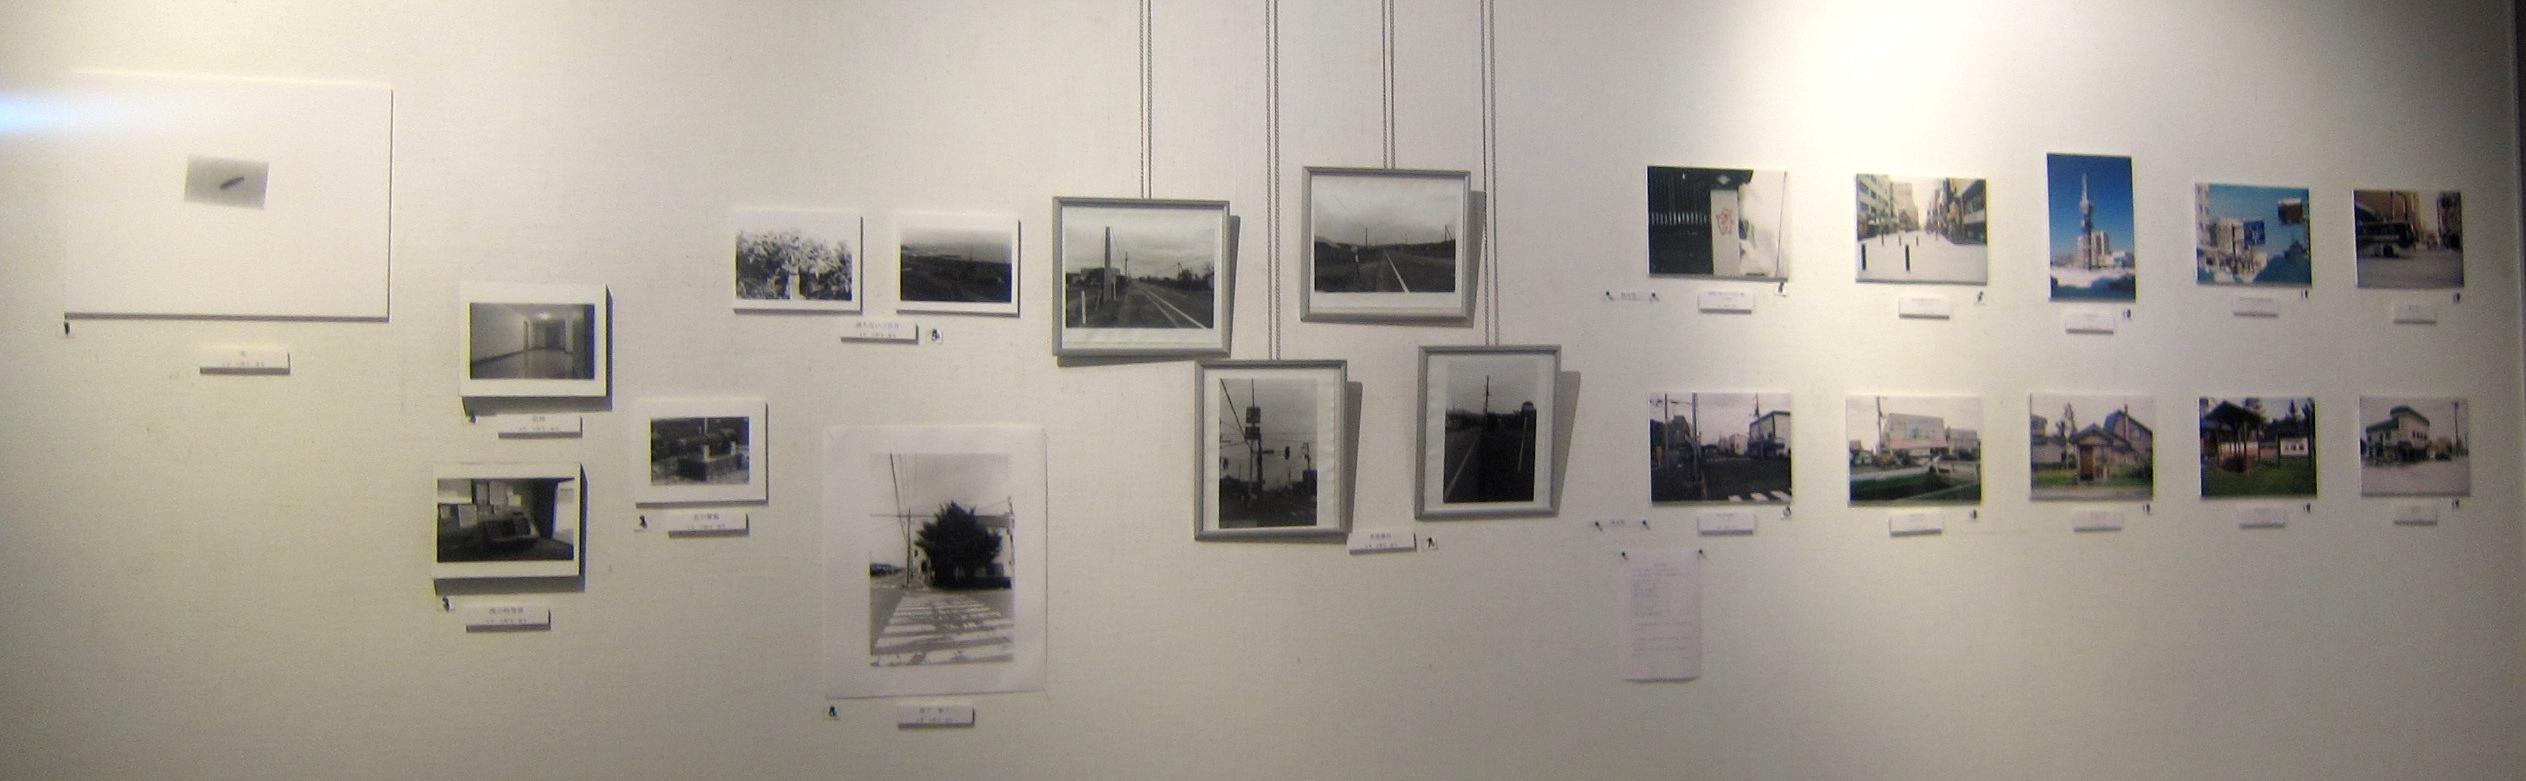 1944)②「札幌大学写真部 卒業写真展 & 学外写真展」 市民g. 終了2月20日(水)~2月24日(日) _f0126829_1028322.jpg